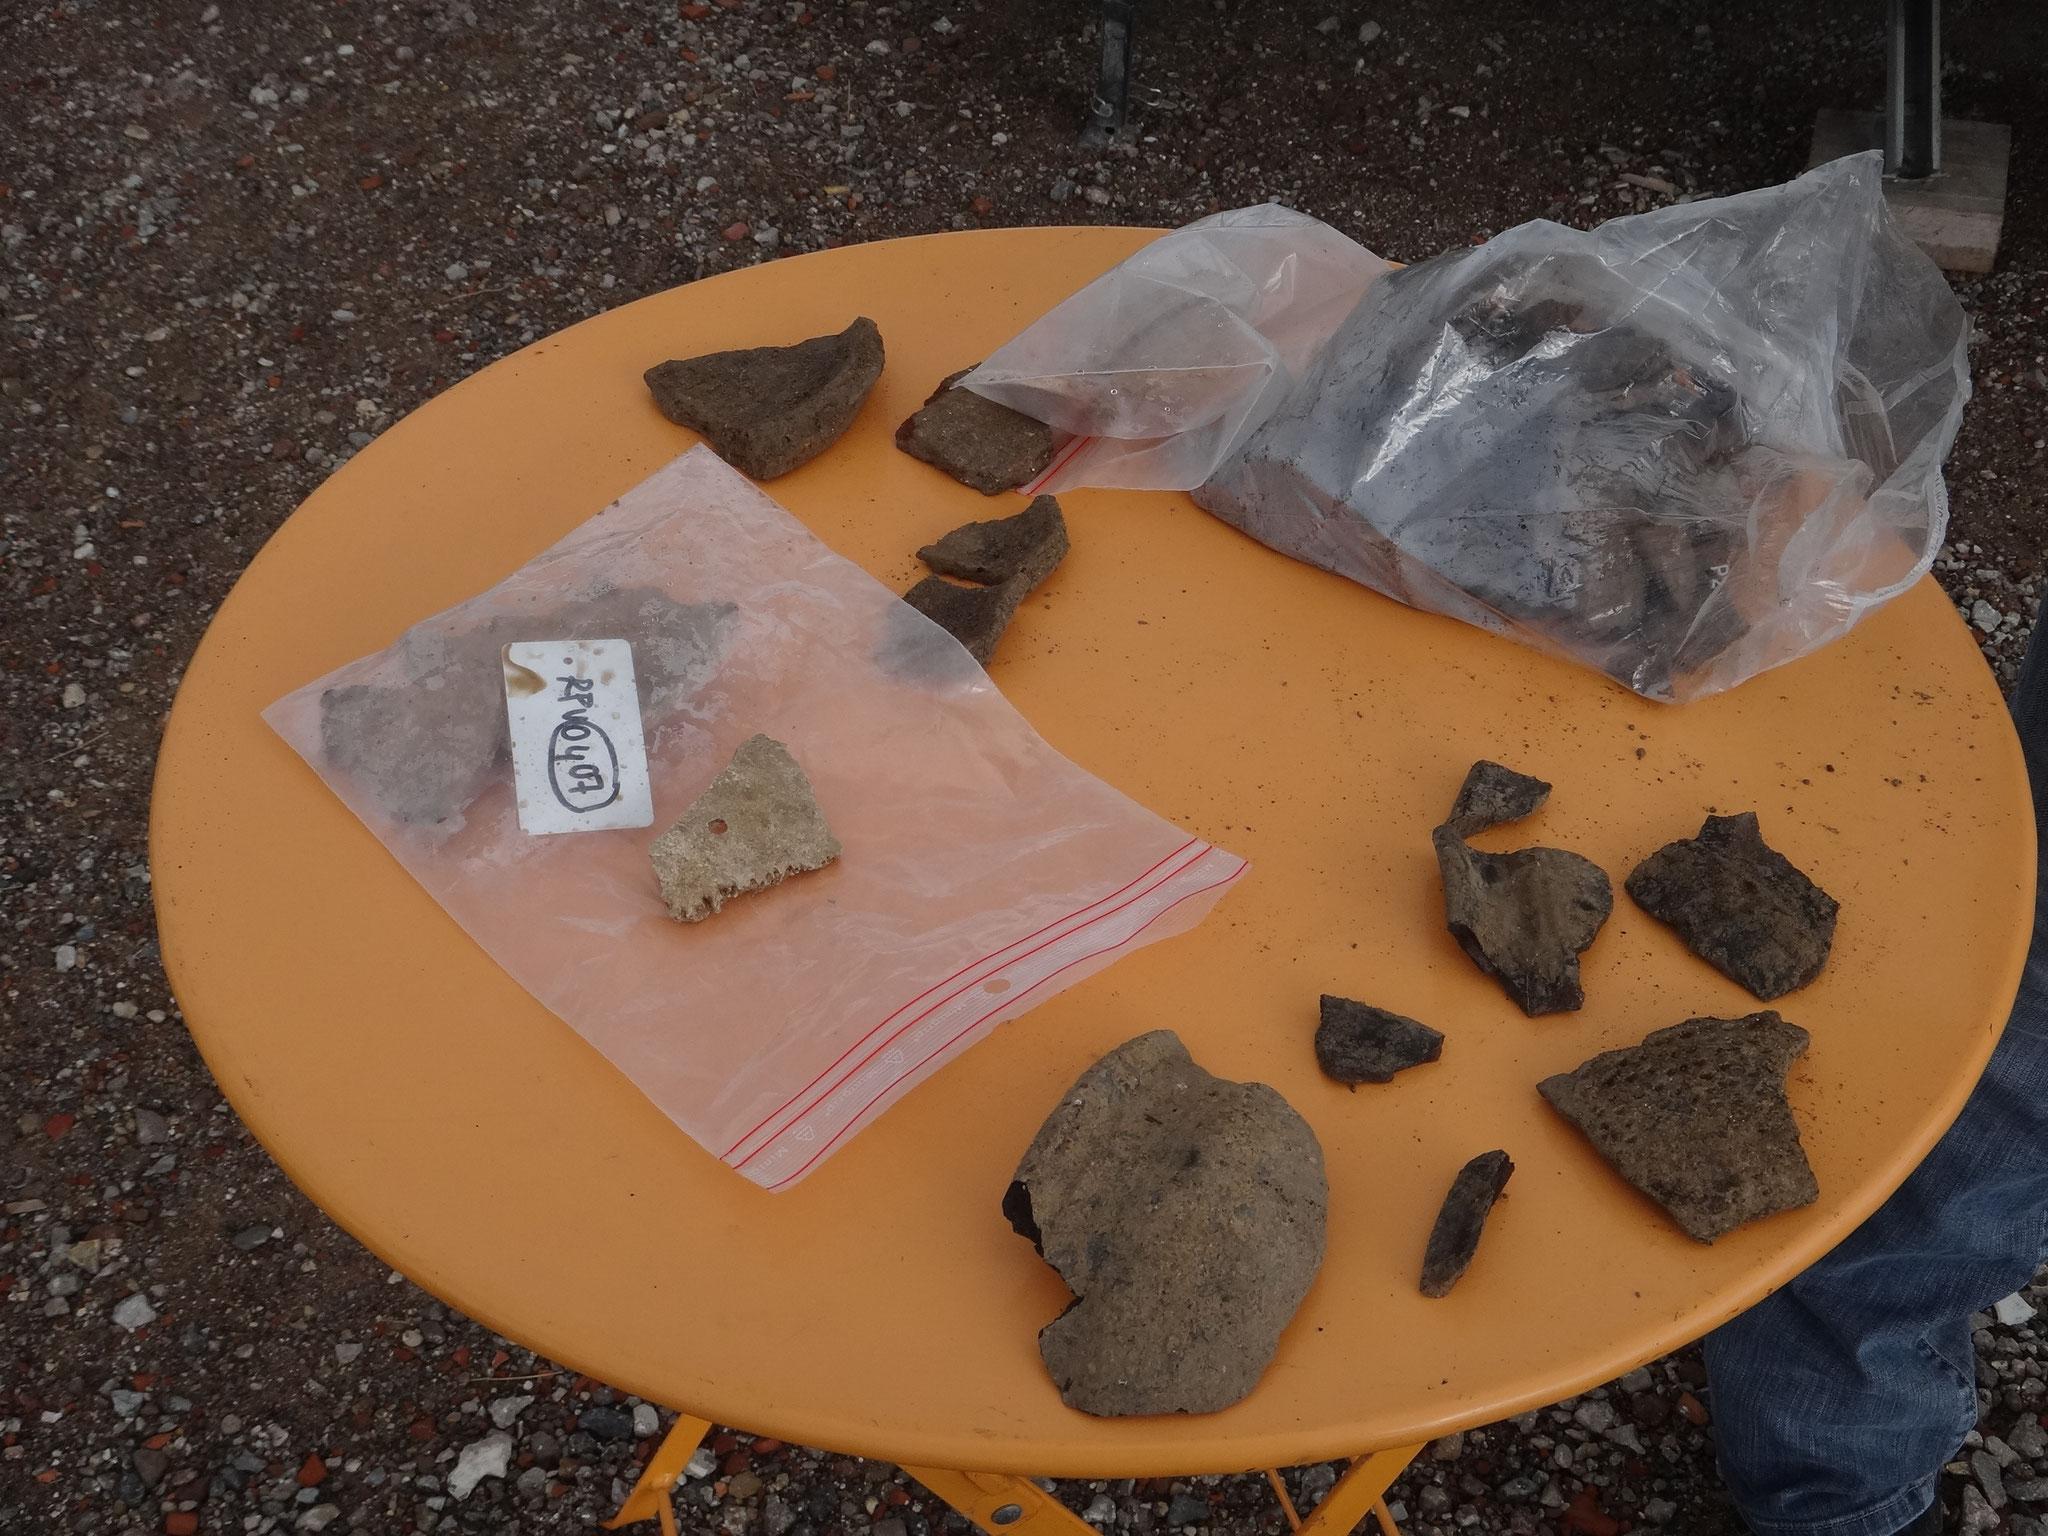 Premières découvertes : de la céramique et un morceau de calotte cranienne